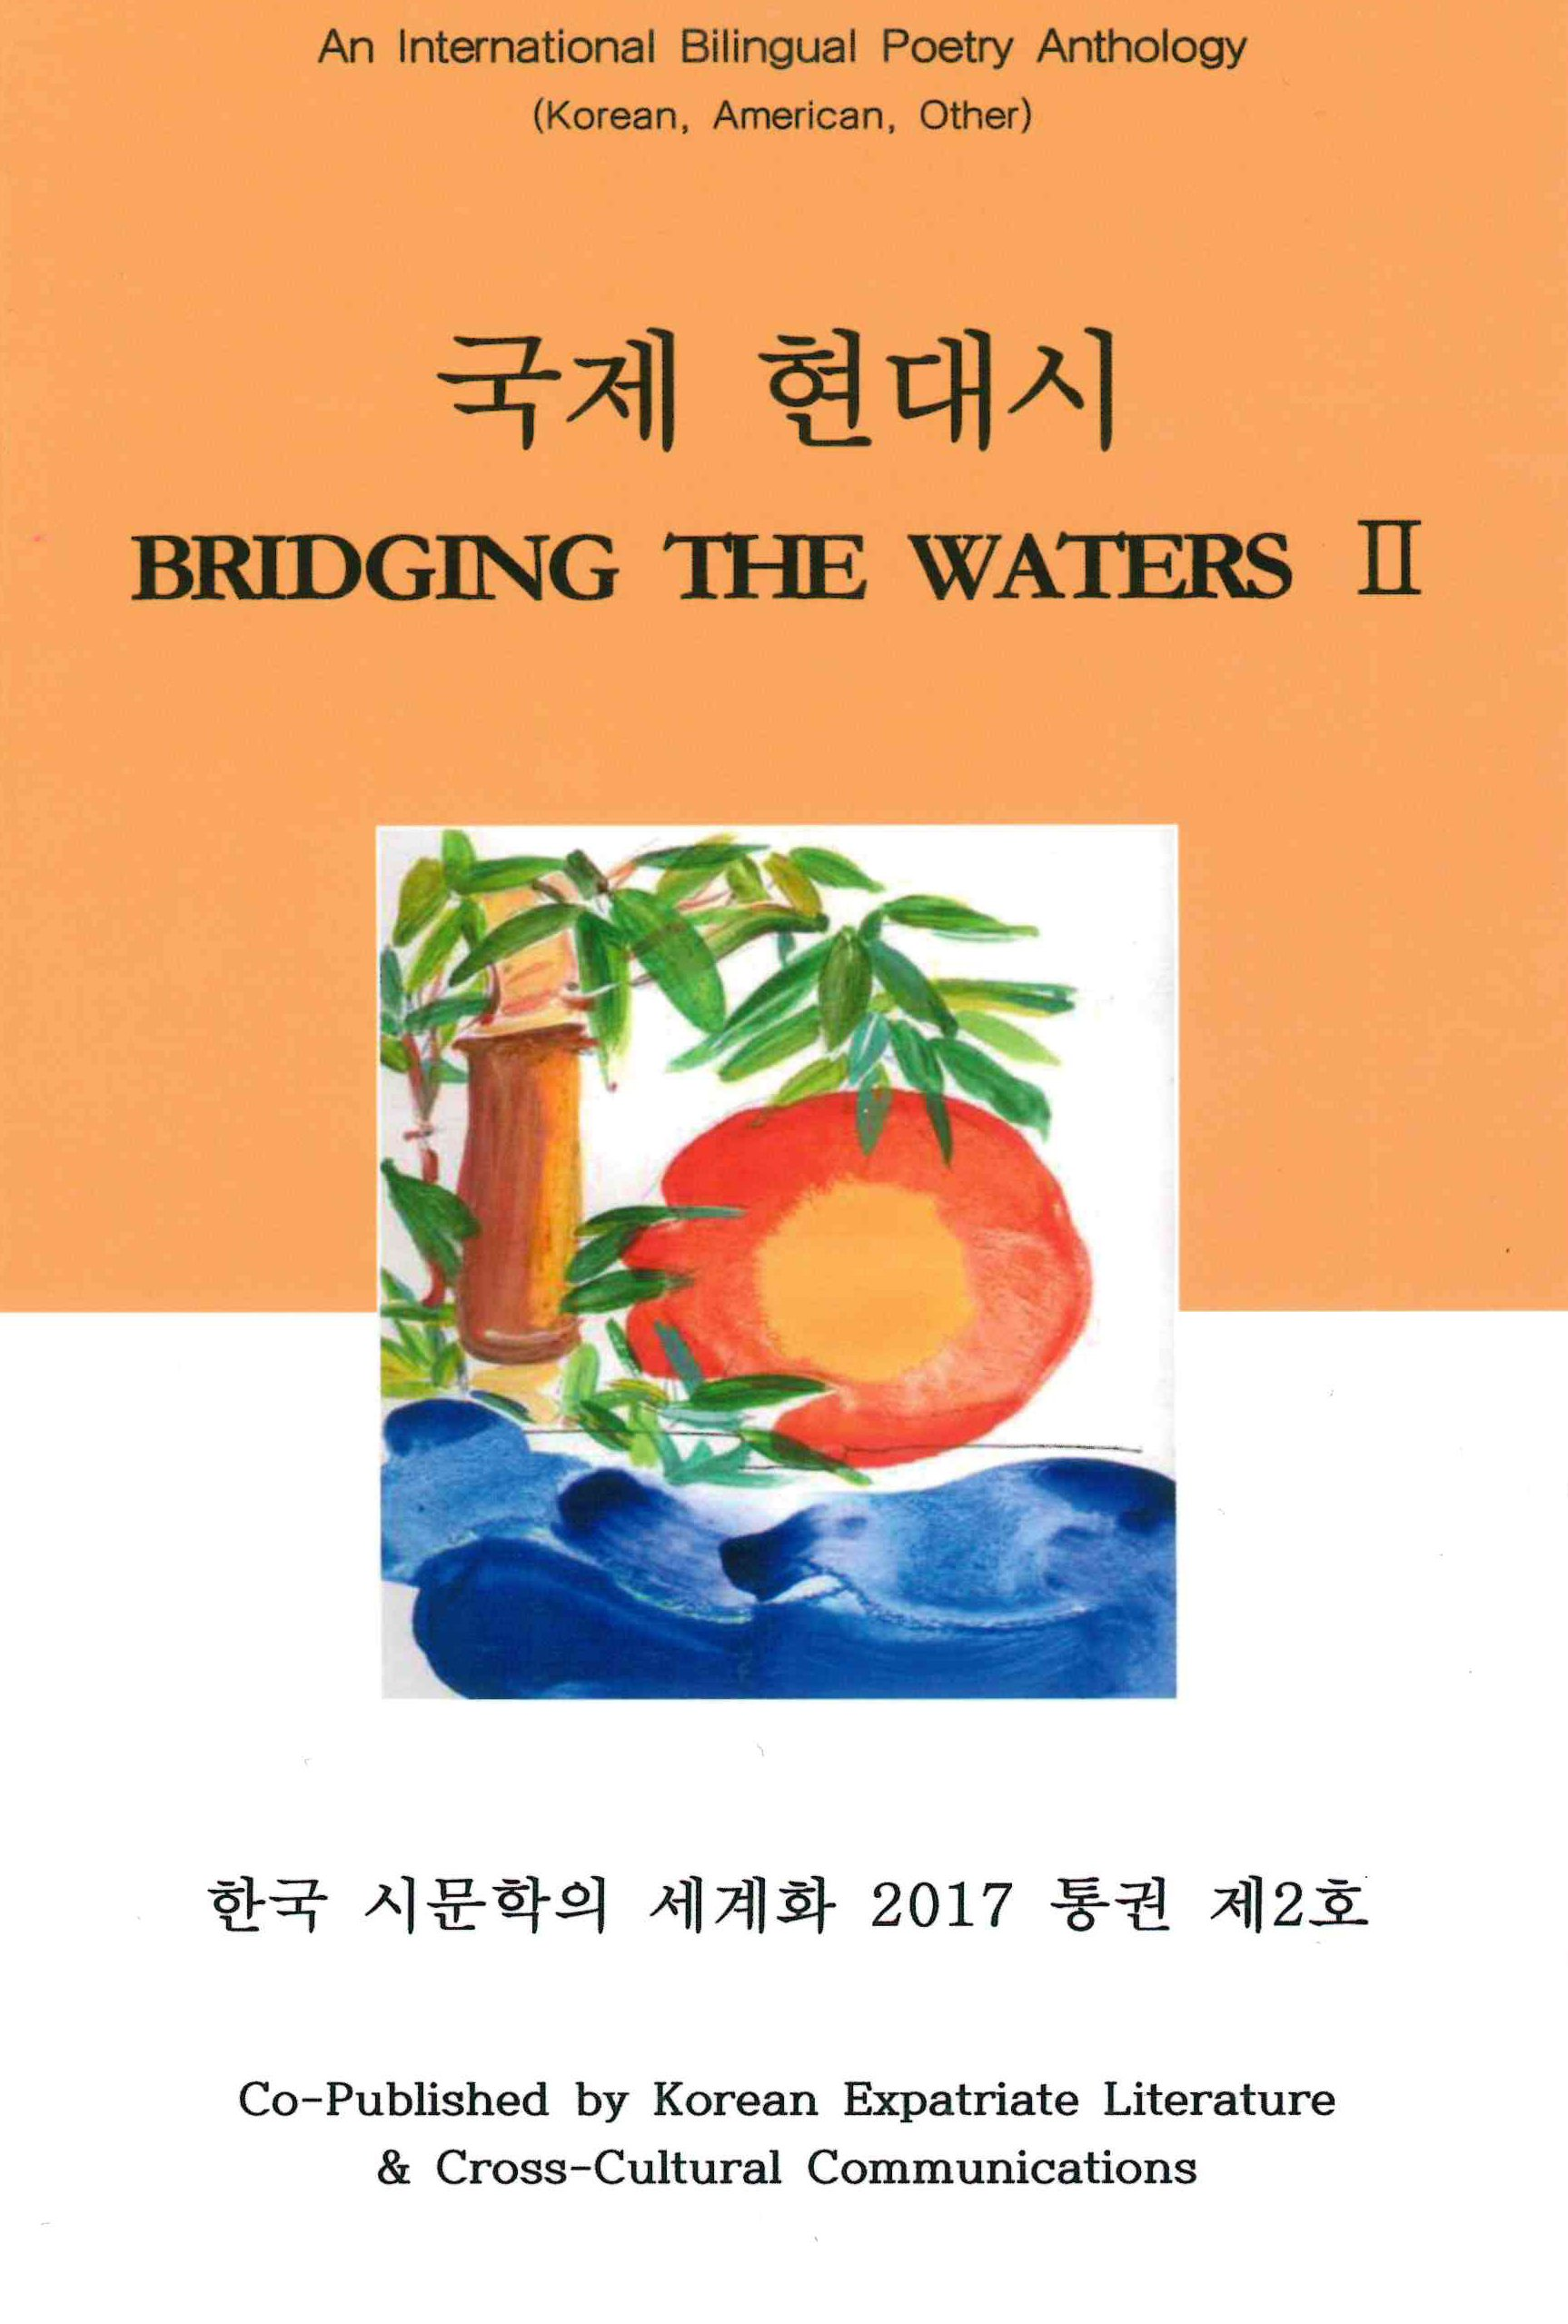 Bridging the Waters II: An International Bilingual Poetry Anthology (Korean, American, International)